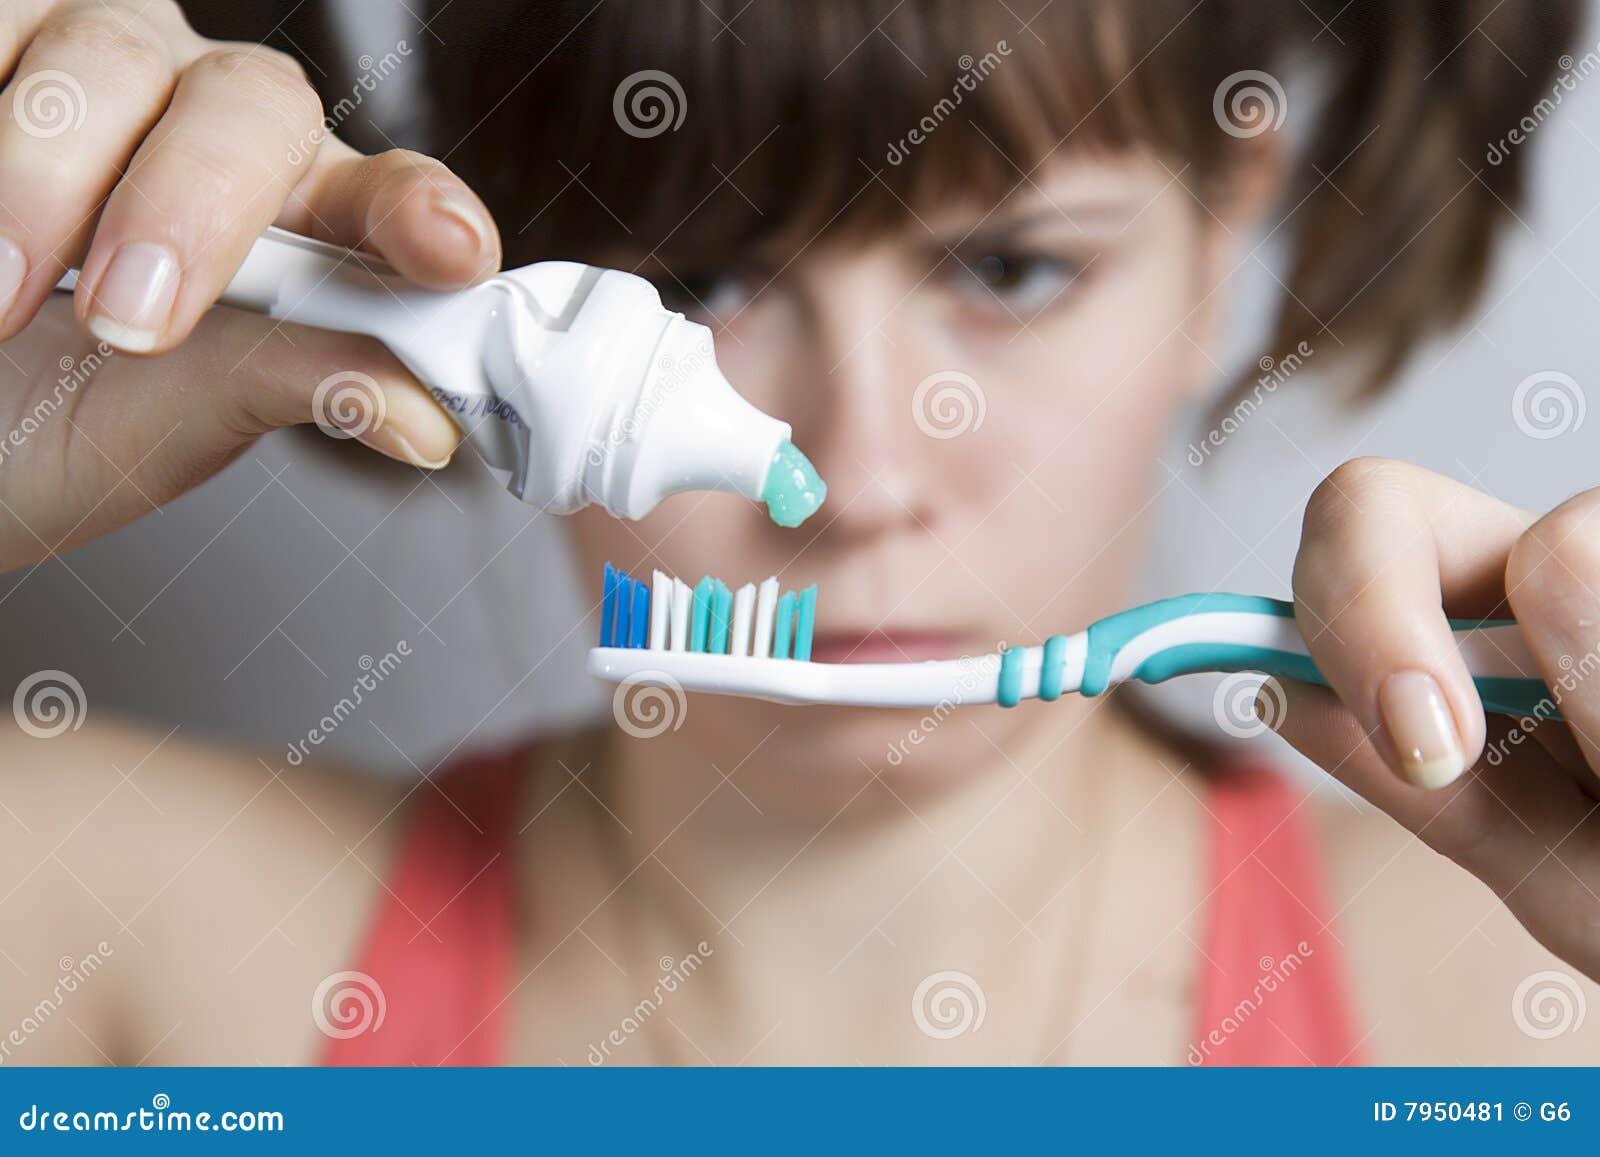 Транс чистит зубы 5 фотография